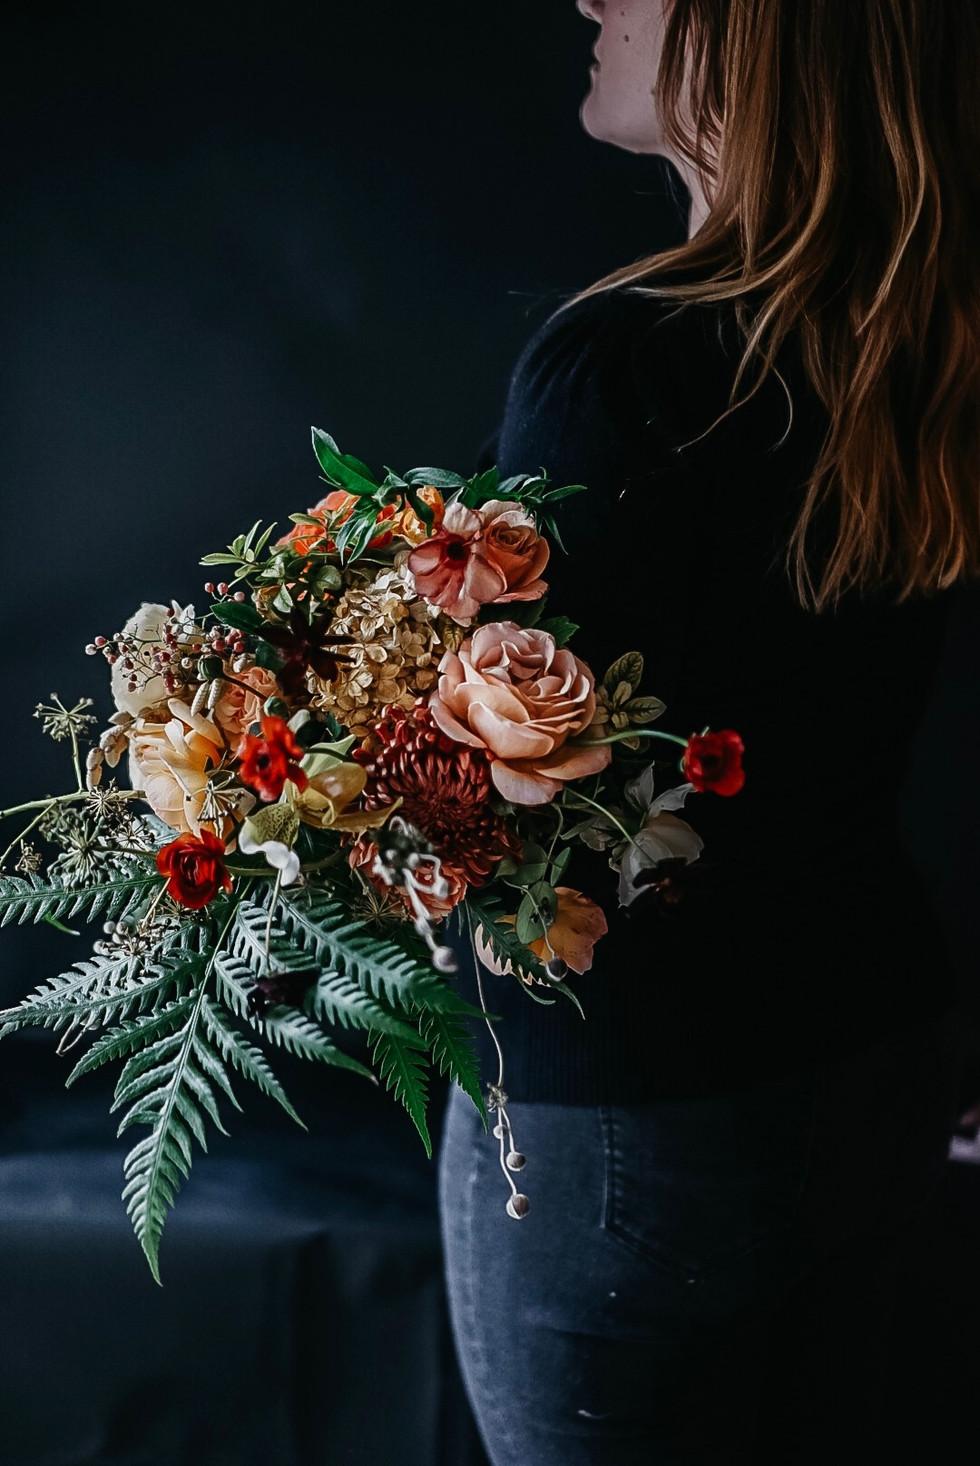 Los Angeles Florist - Dutch Bouquet